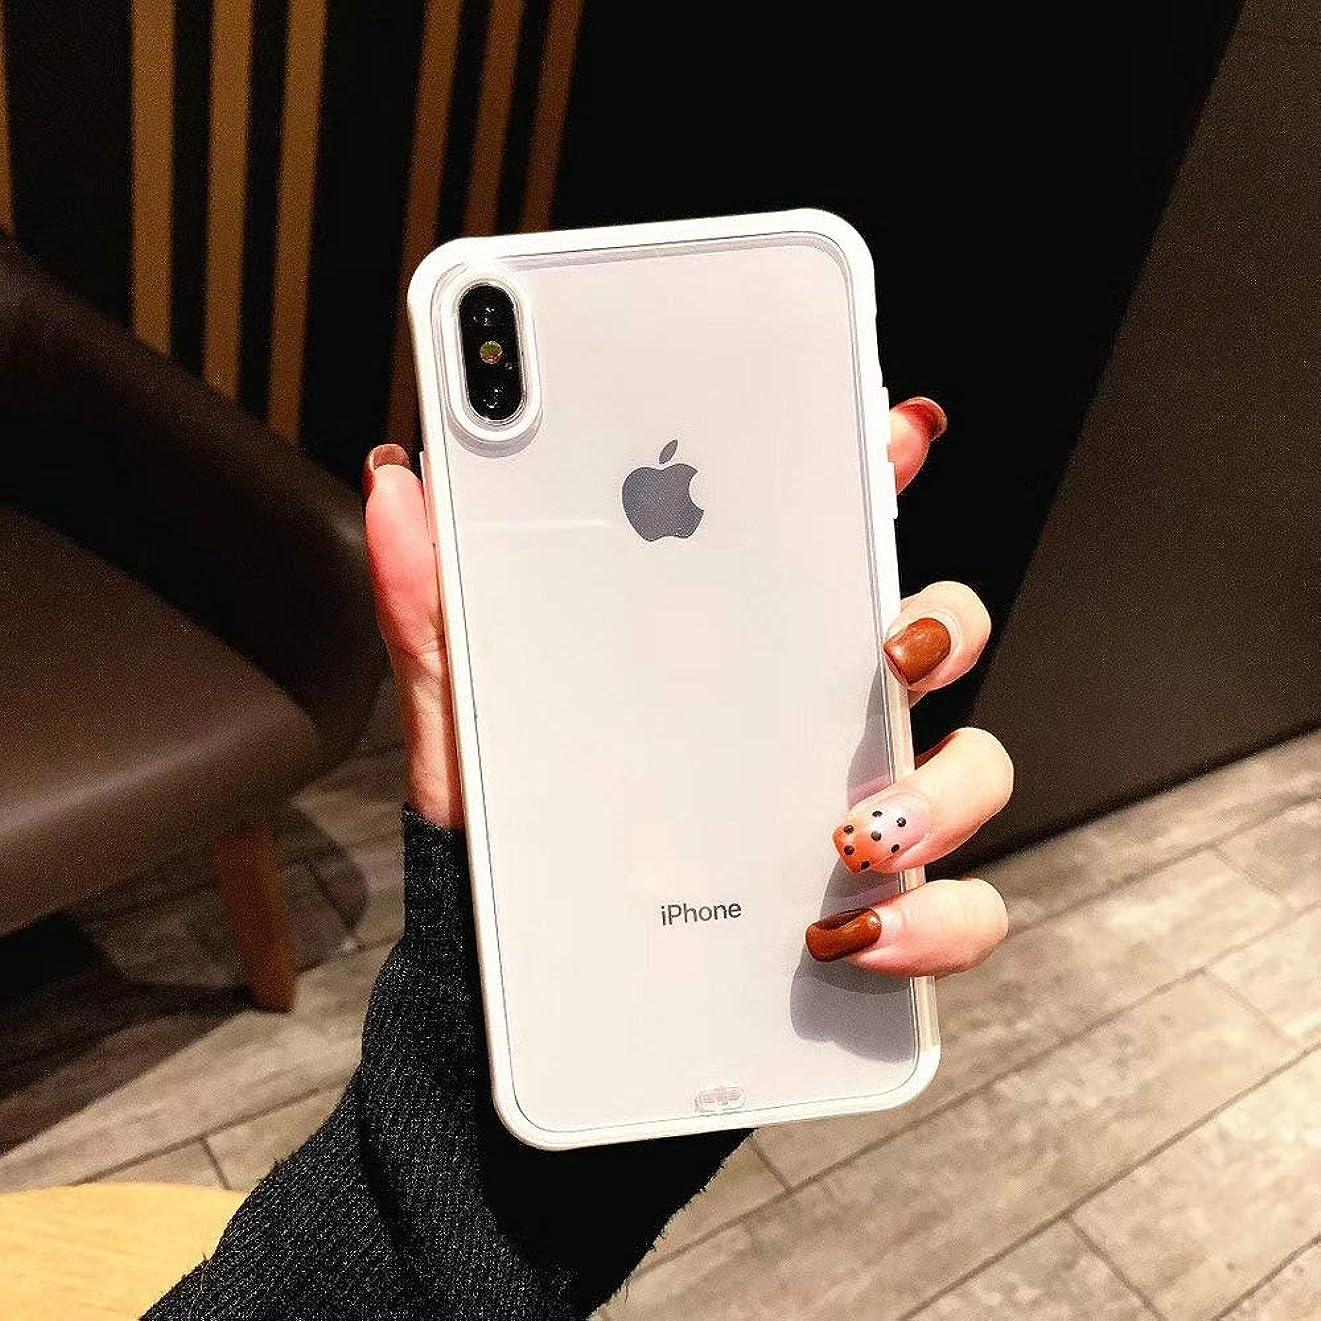 仕事進化ガイドラインiPhone ケース レディース メンズ 携帯ケース 透明 iPhone7/8/7Plus/8Plus,iPhone X/XR,iPhoneXS/XS MAX (iPhone7 Plus ケース)